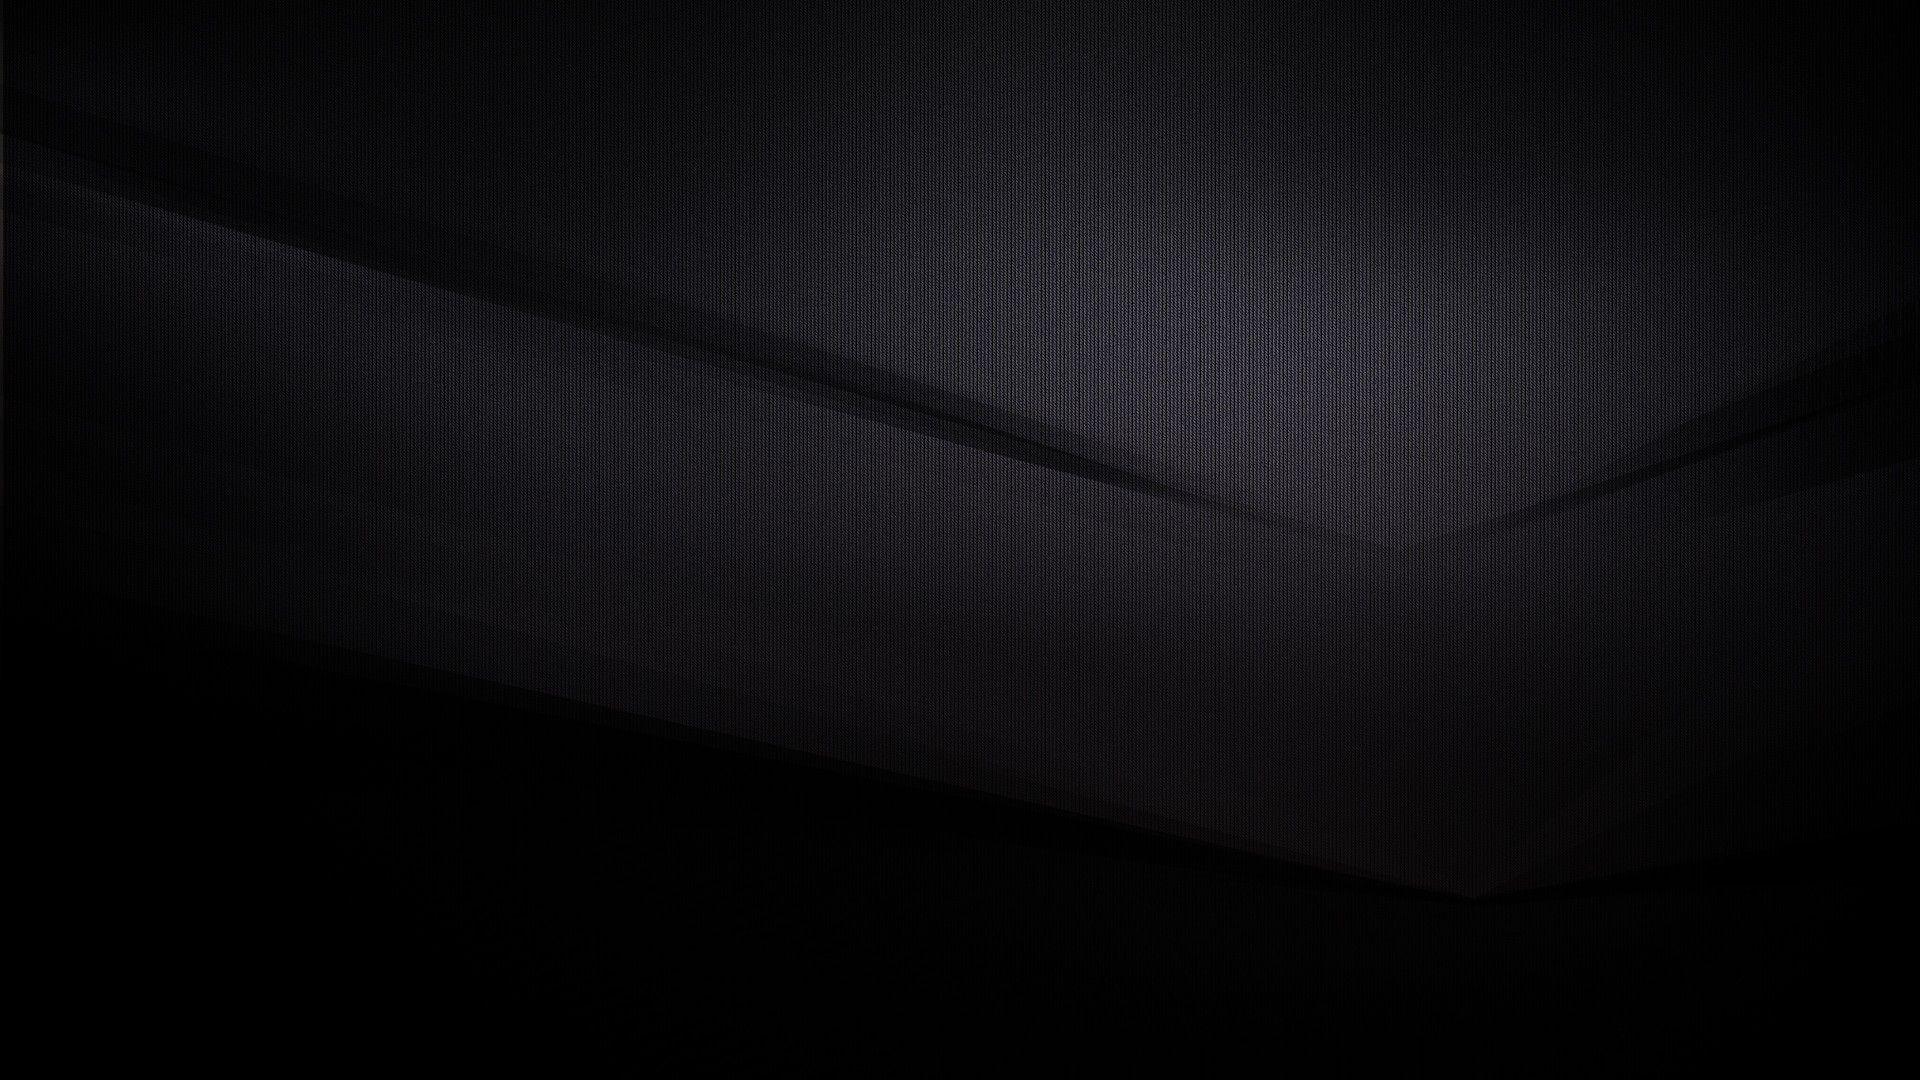 Hd Wallpapers Desktop High Definition Wallpapers Desktop Wallpaper Black Widescreen Wallpaper Black Hd Wallpaper